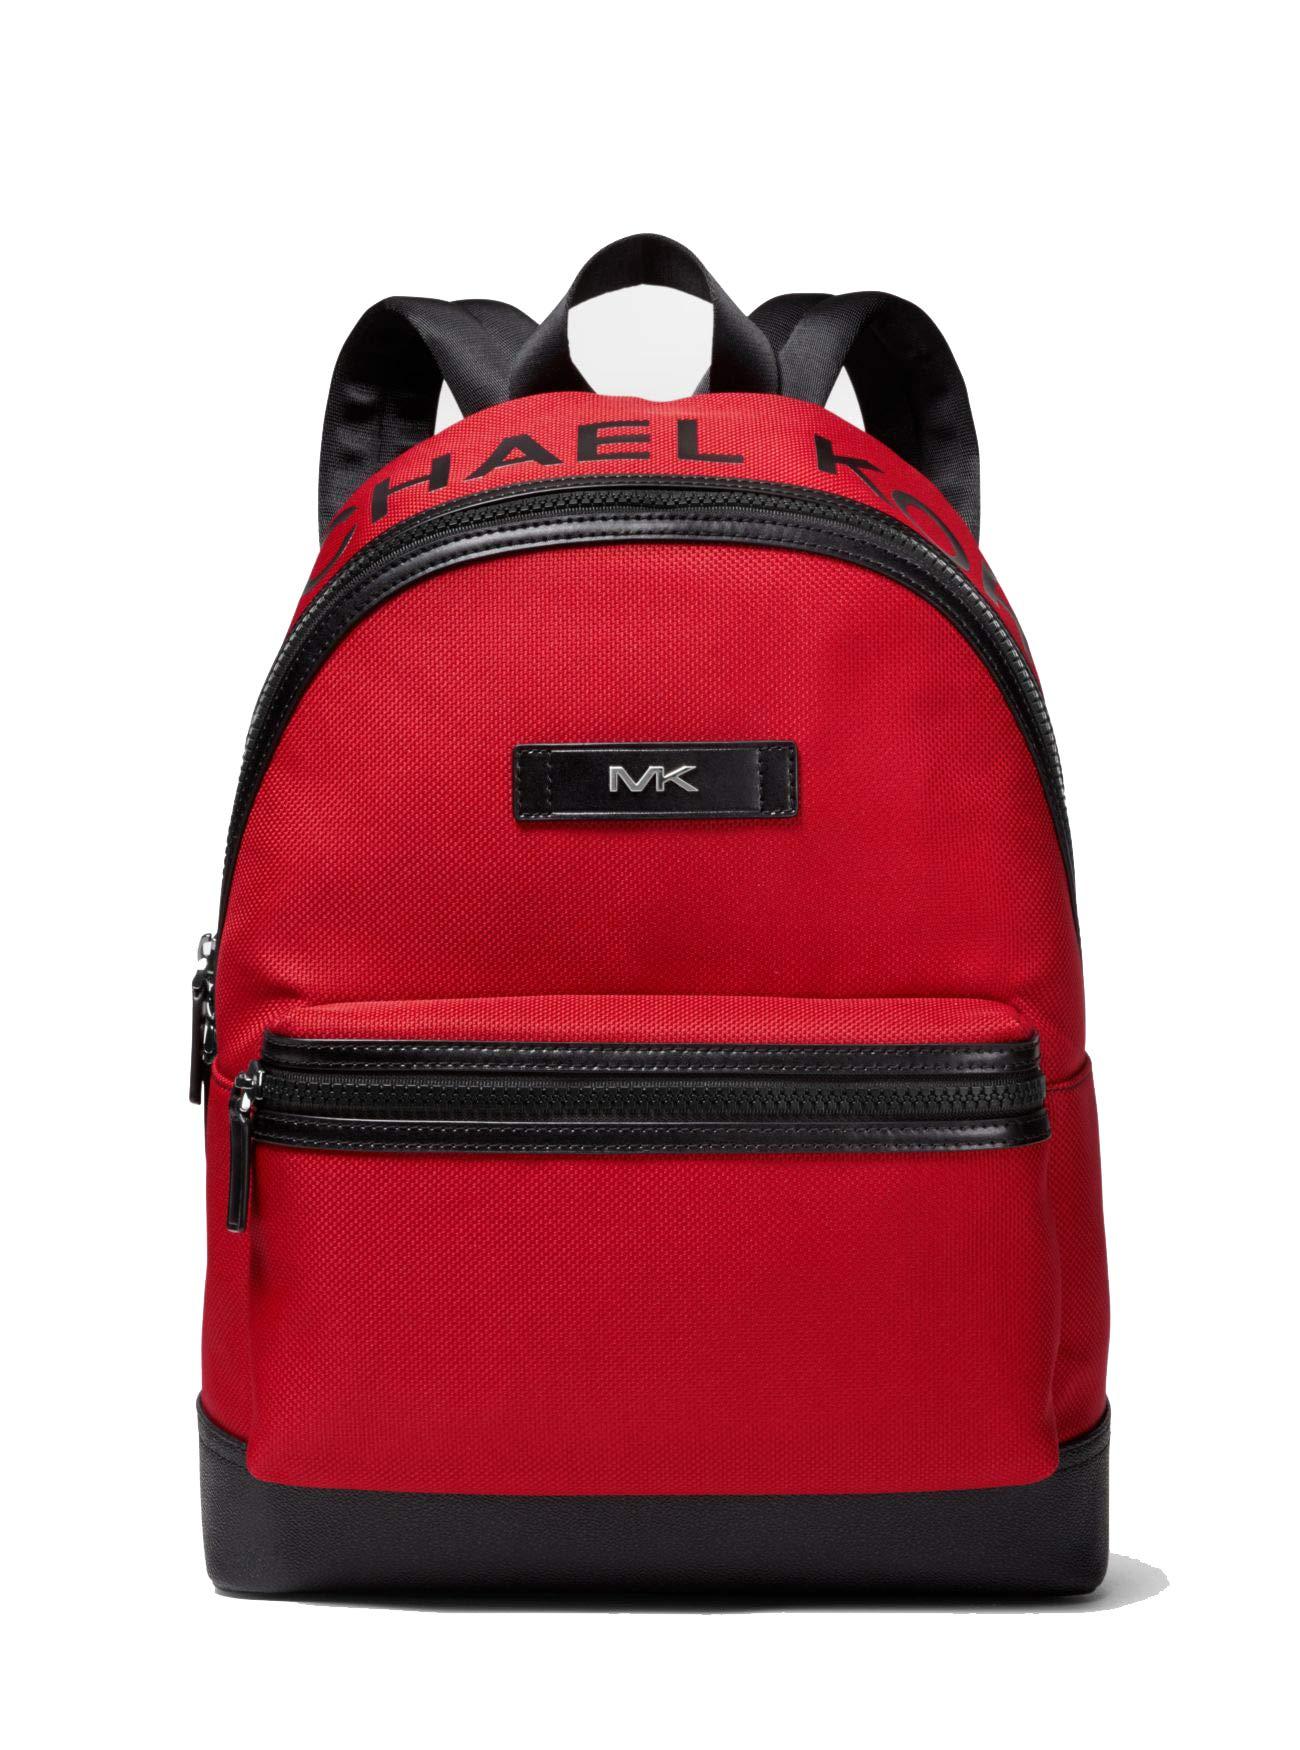 Michael Kors Backpack Crimson 37F9LKSB2C